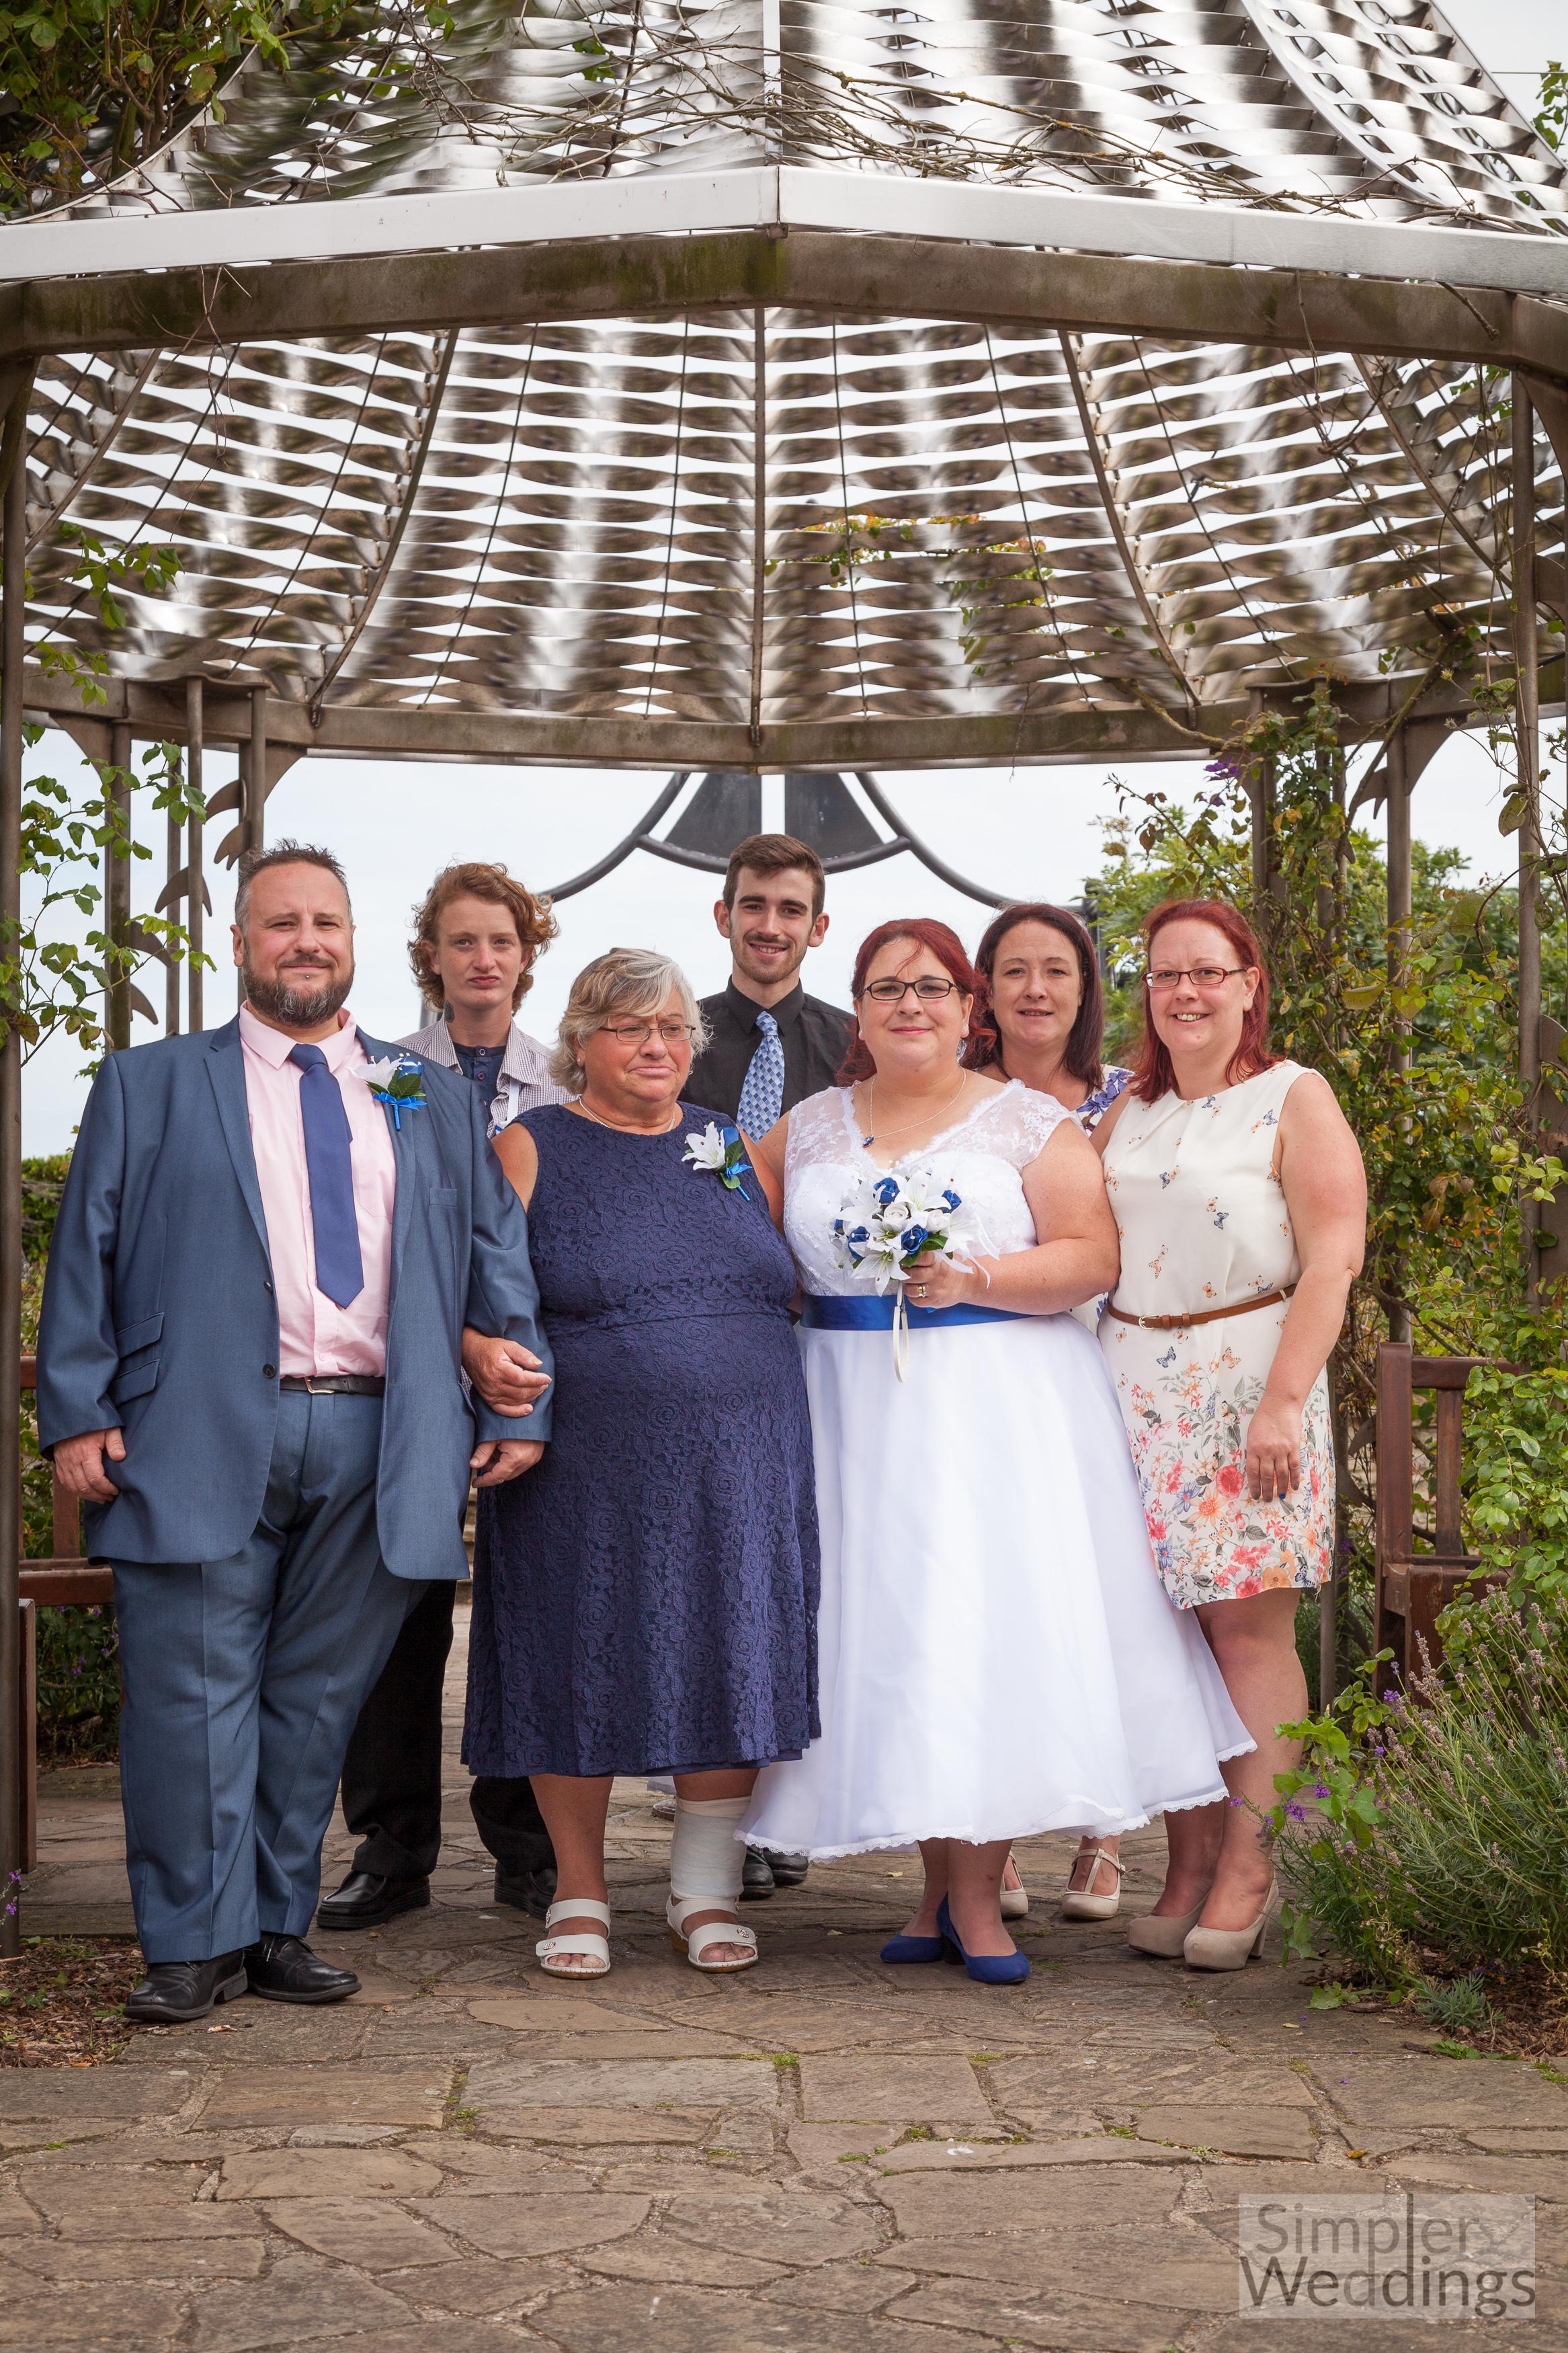 simpler-weddings-158.jpg